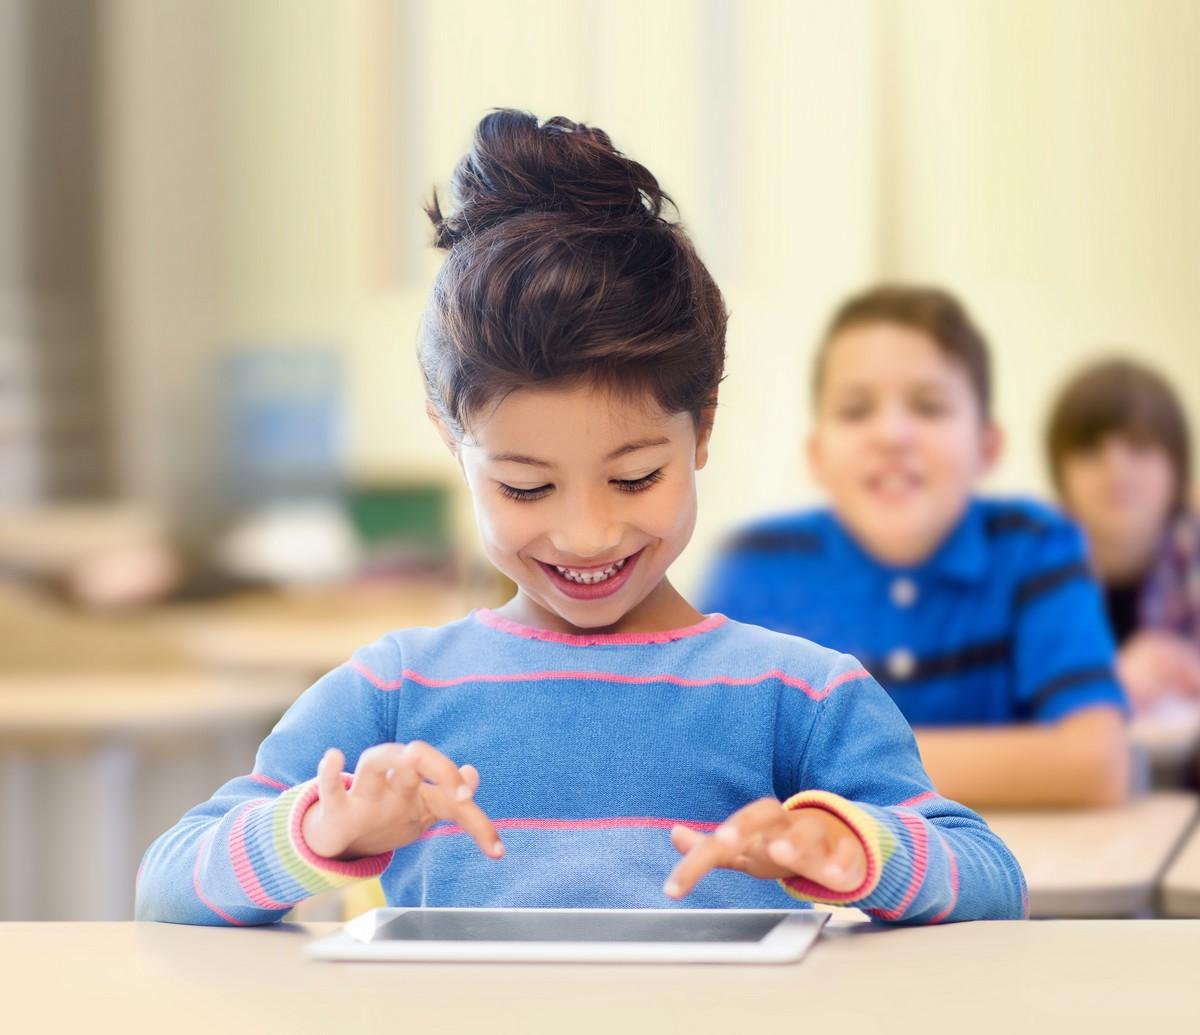 Les écrans modifient le cerveau de nos enfants - A la une - Destination Santé